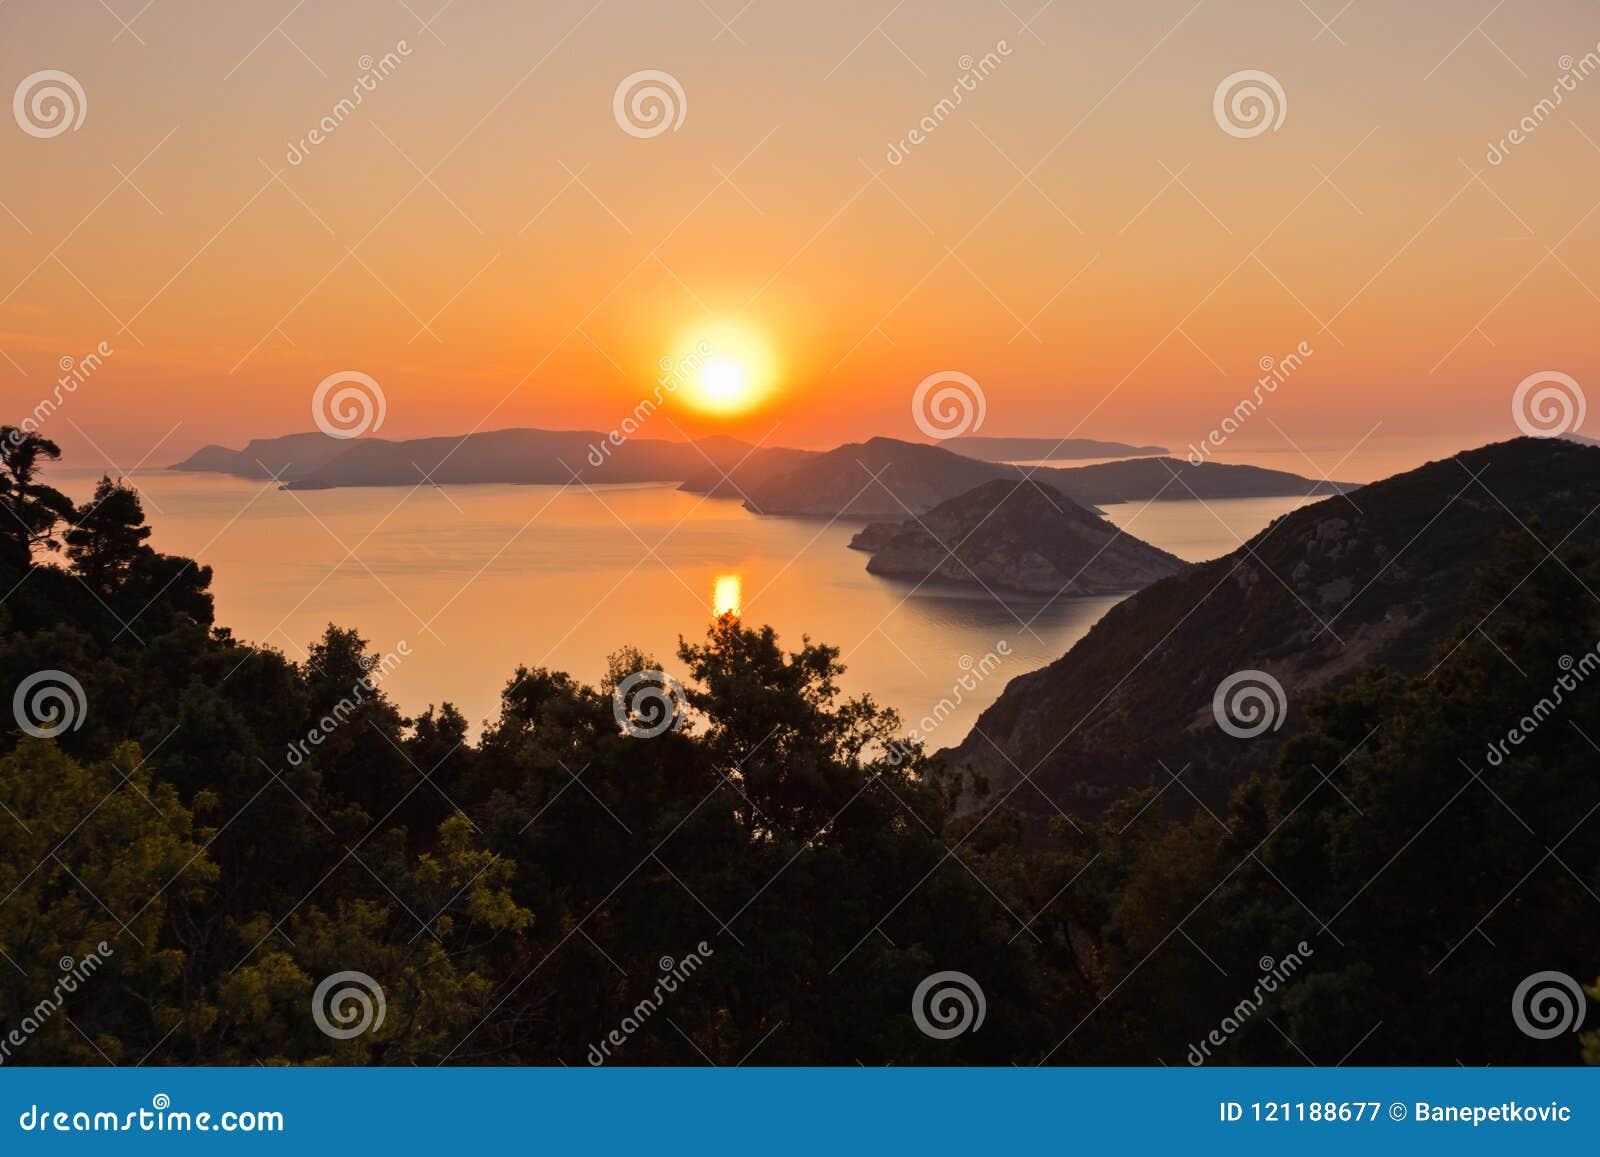 Luftsonnenaufgang hinter Alonisos-Insel von der Spitze eines Hügels in Skopelos